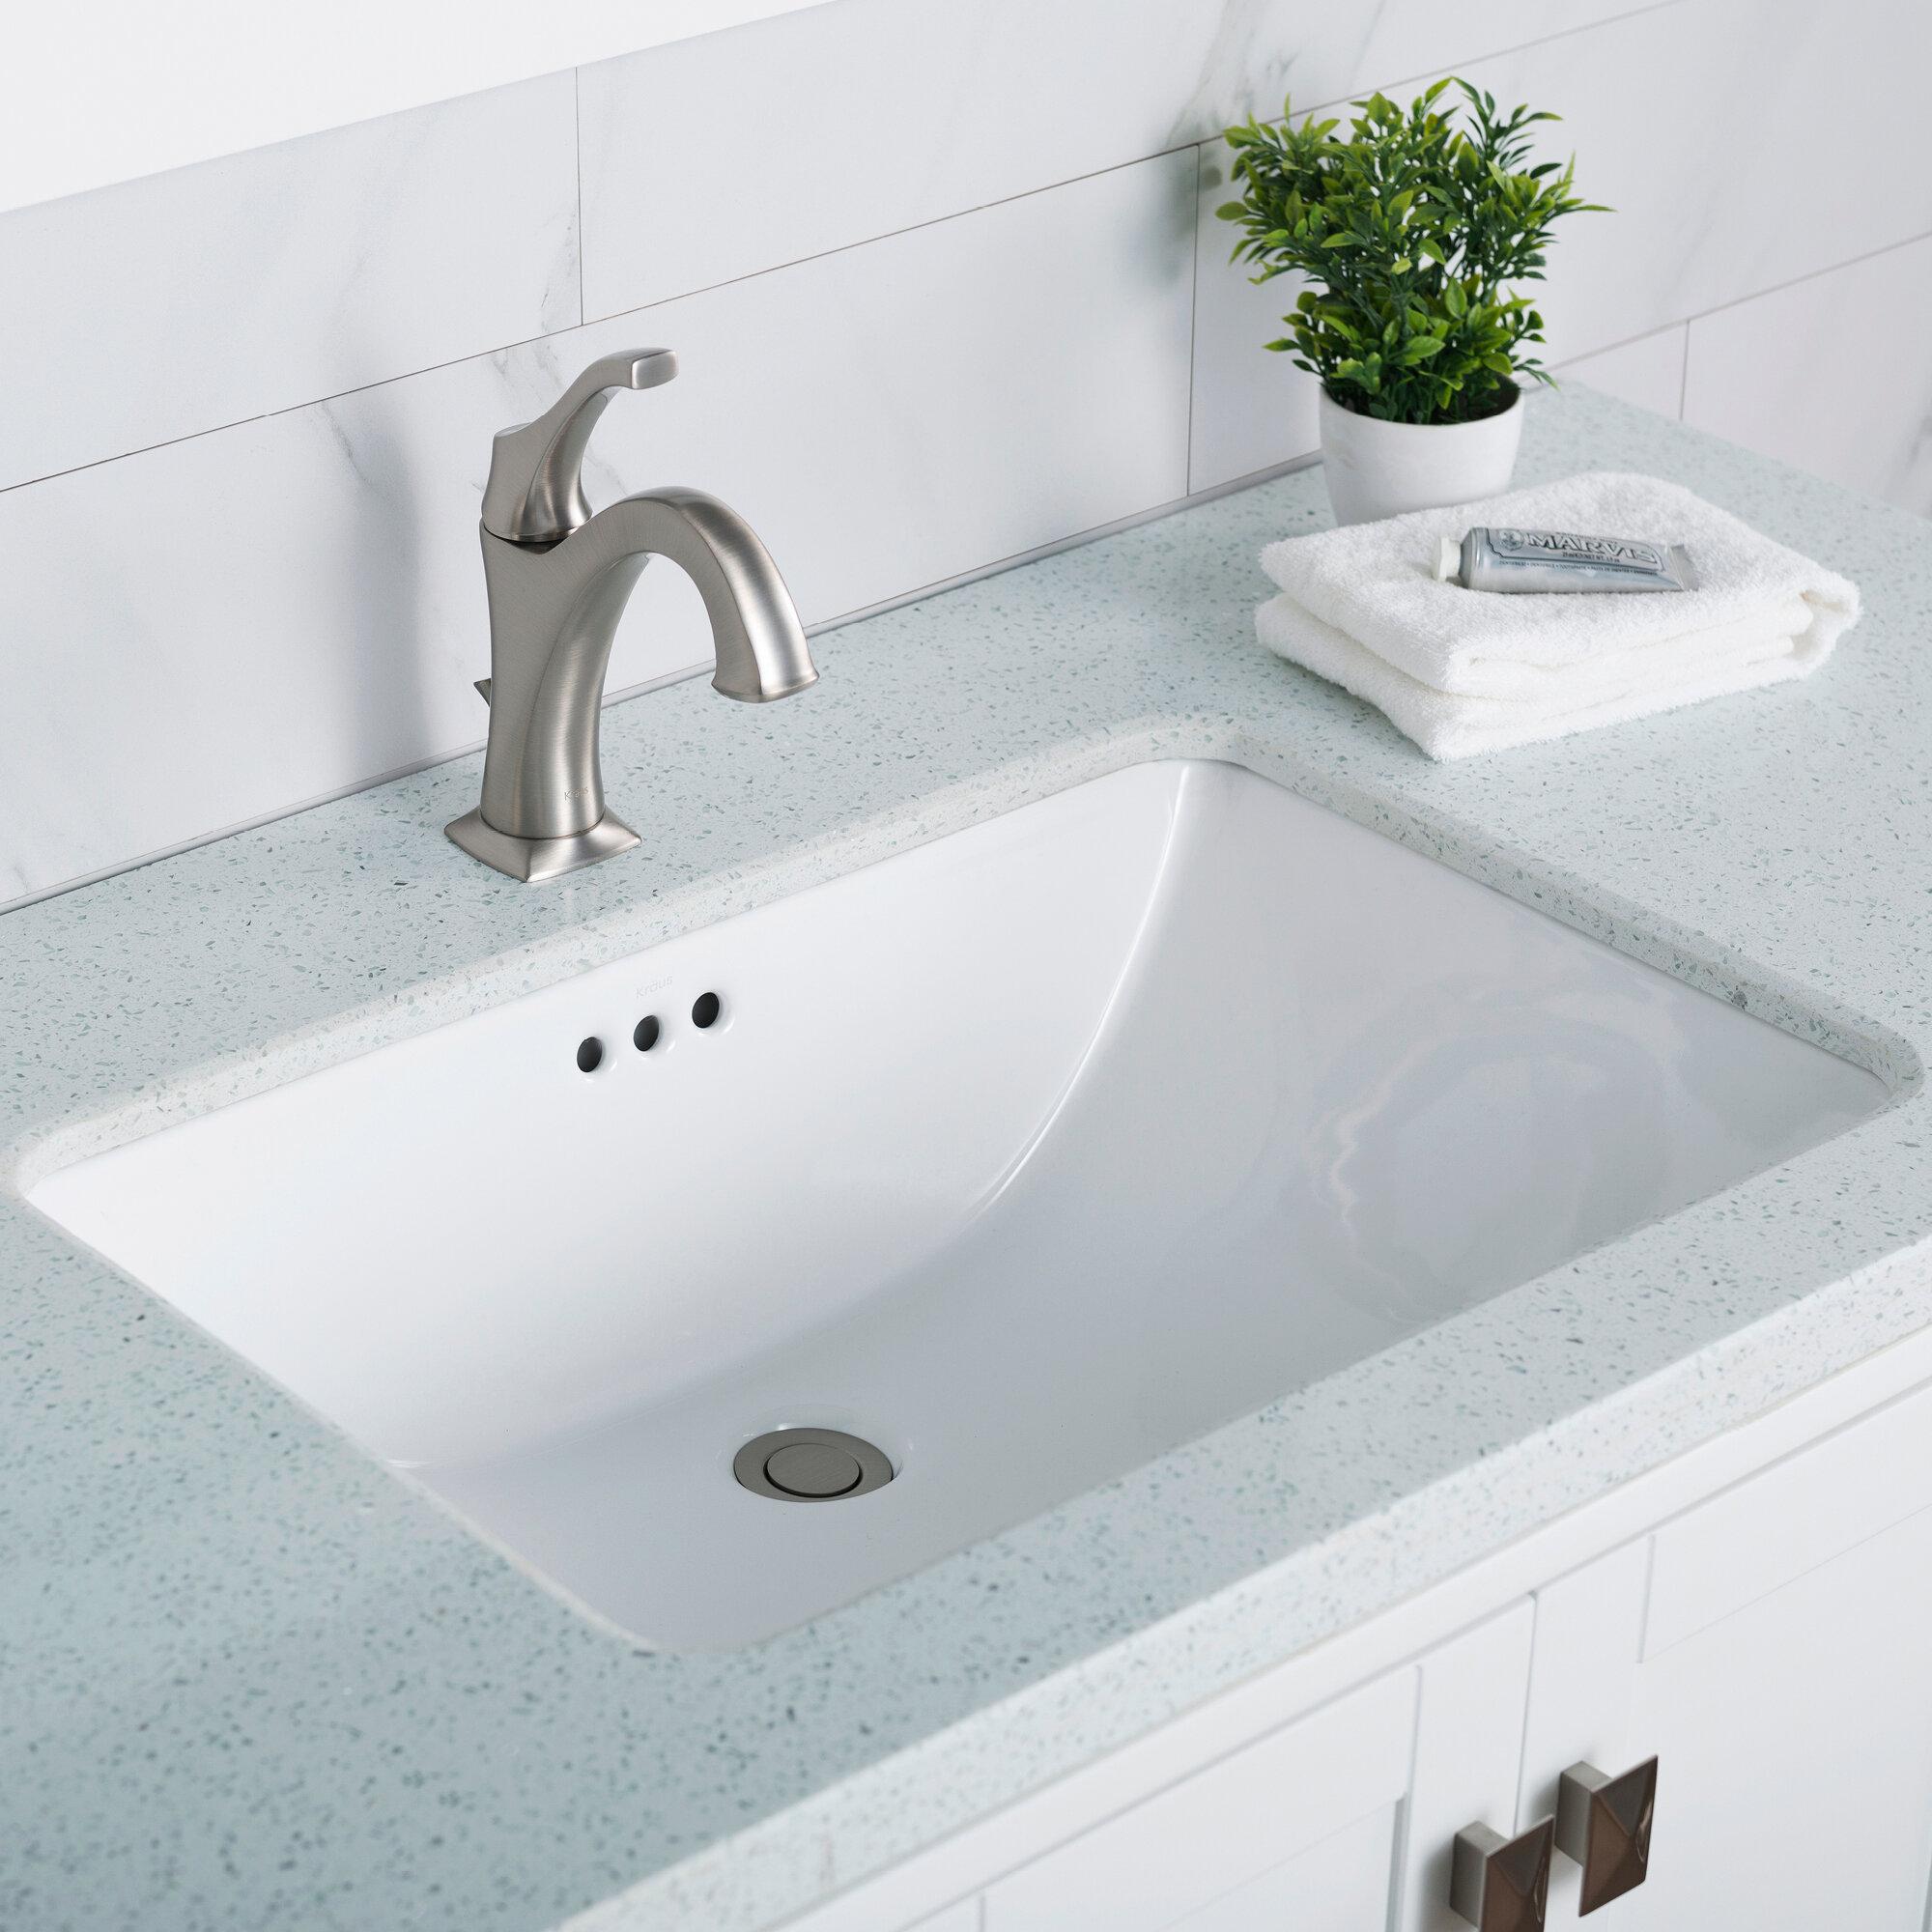 Elavo White Ceramic Rectangular Undermount Bathroom Sink